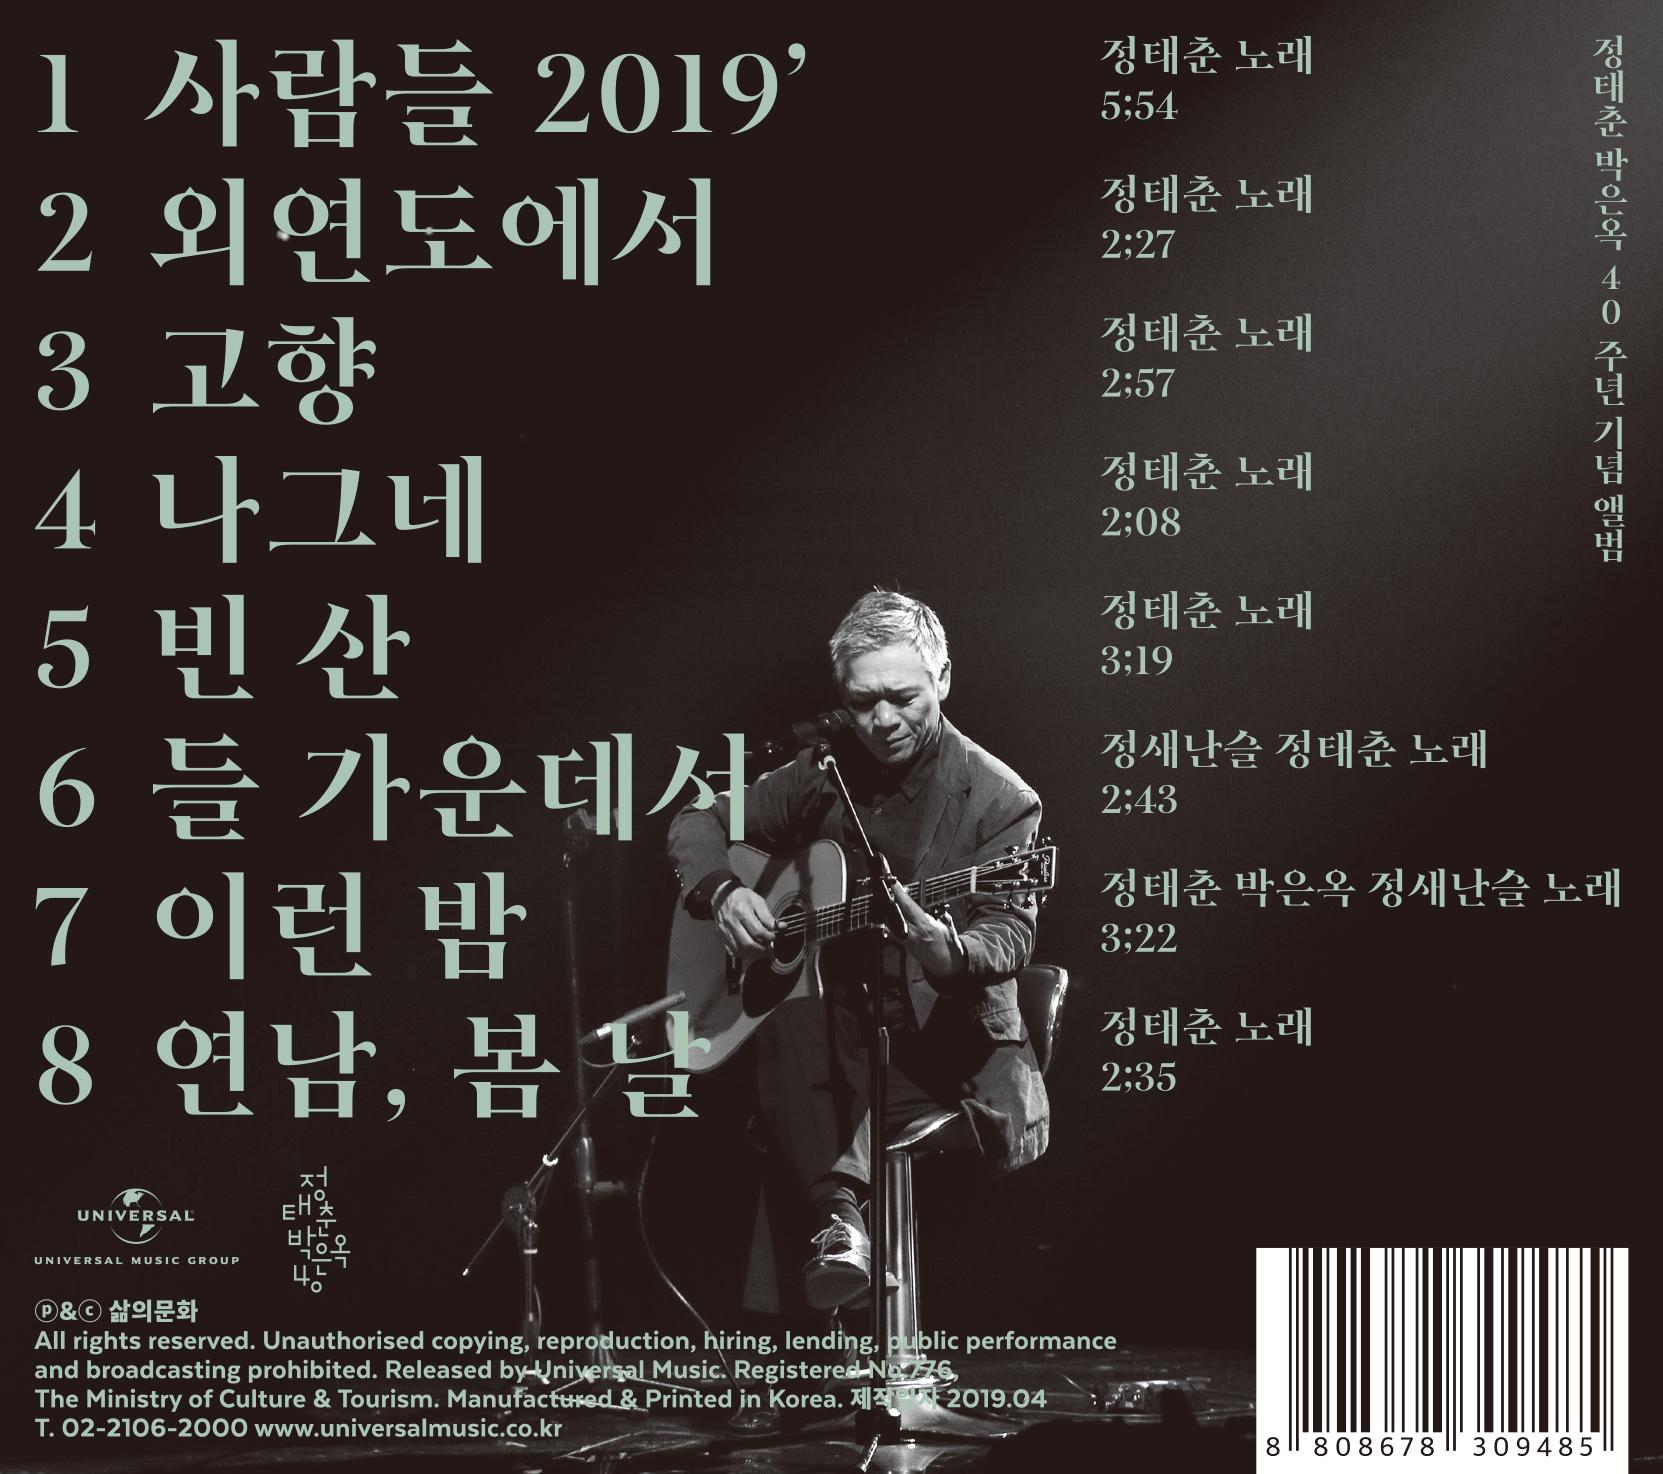 새 앨범 뒷표지